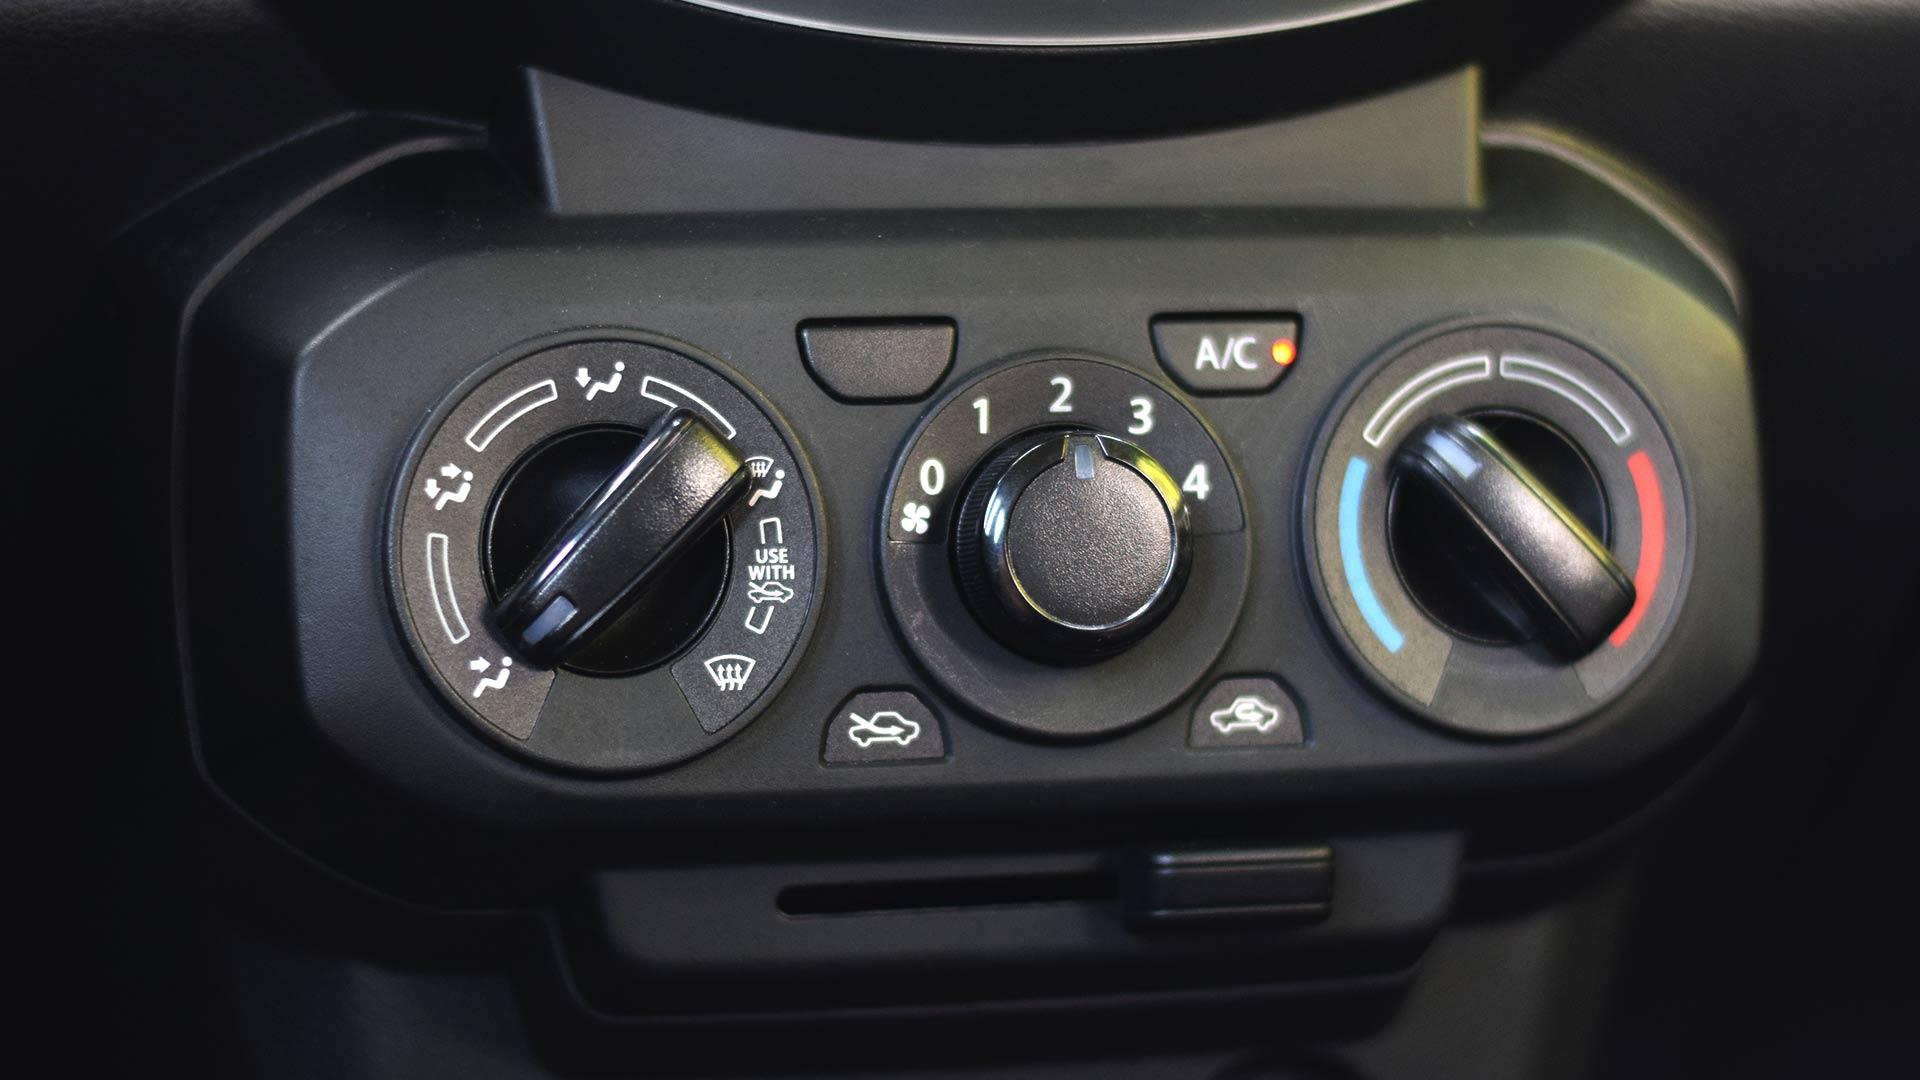 The Suzuki S-Presso airconditioning controls